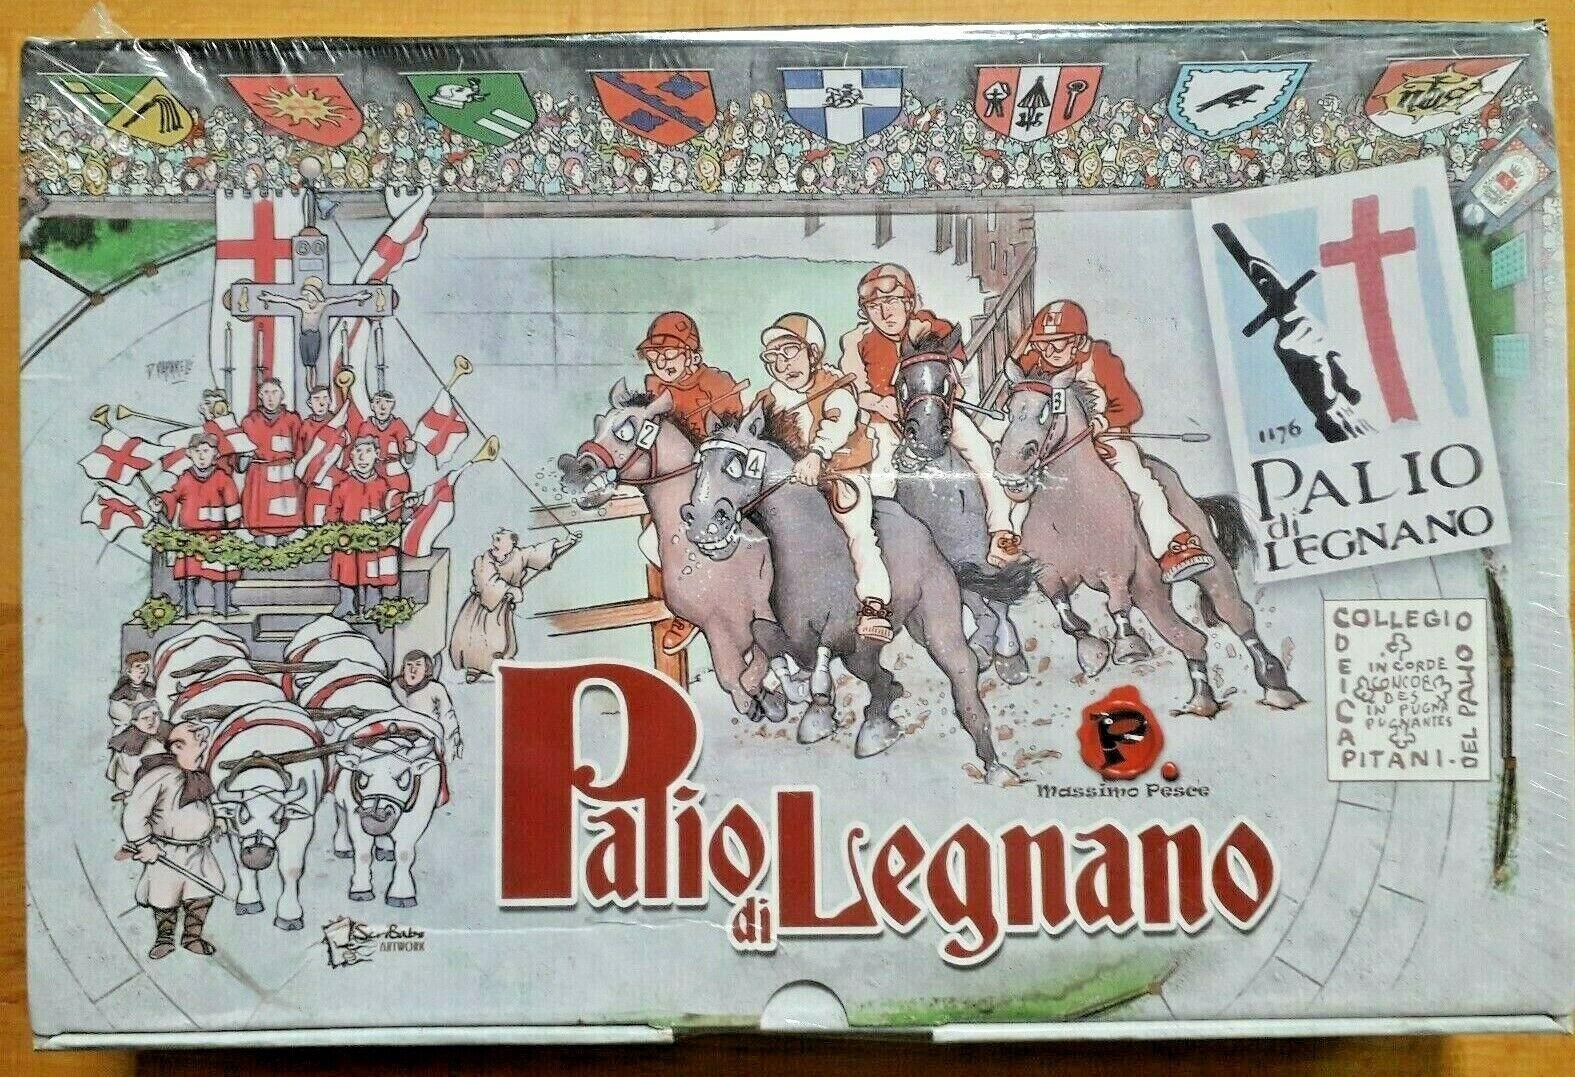 Palio di Legnano - noch fabrikseitig eingesiegelt - Pferderennen in Italien